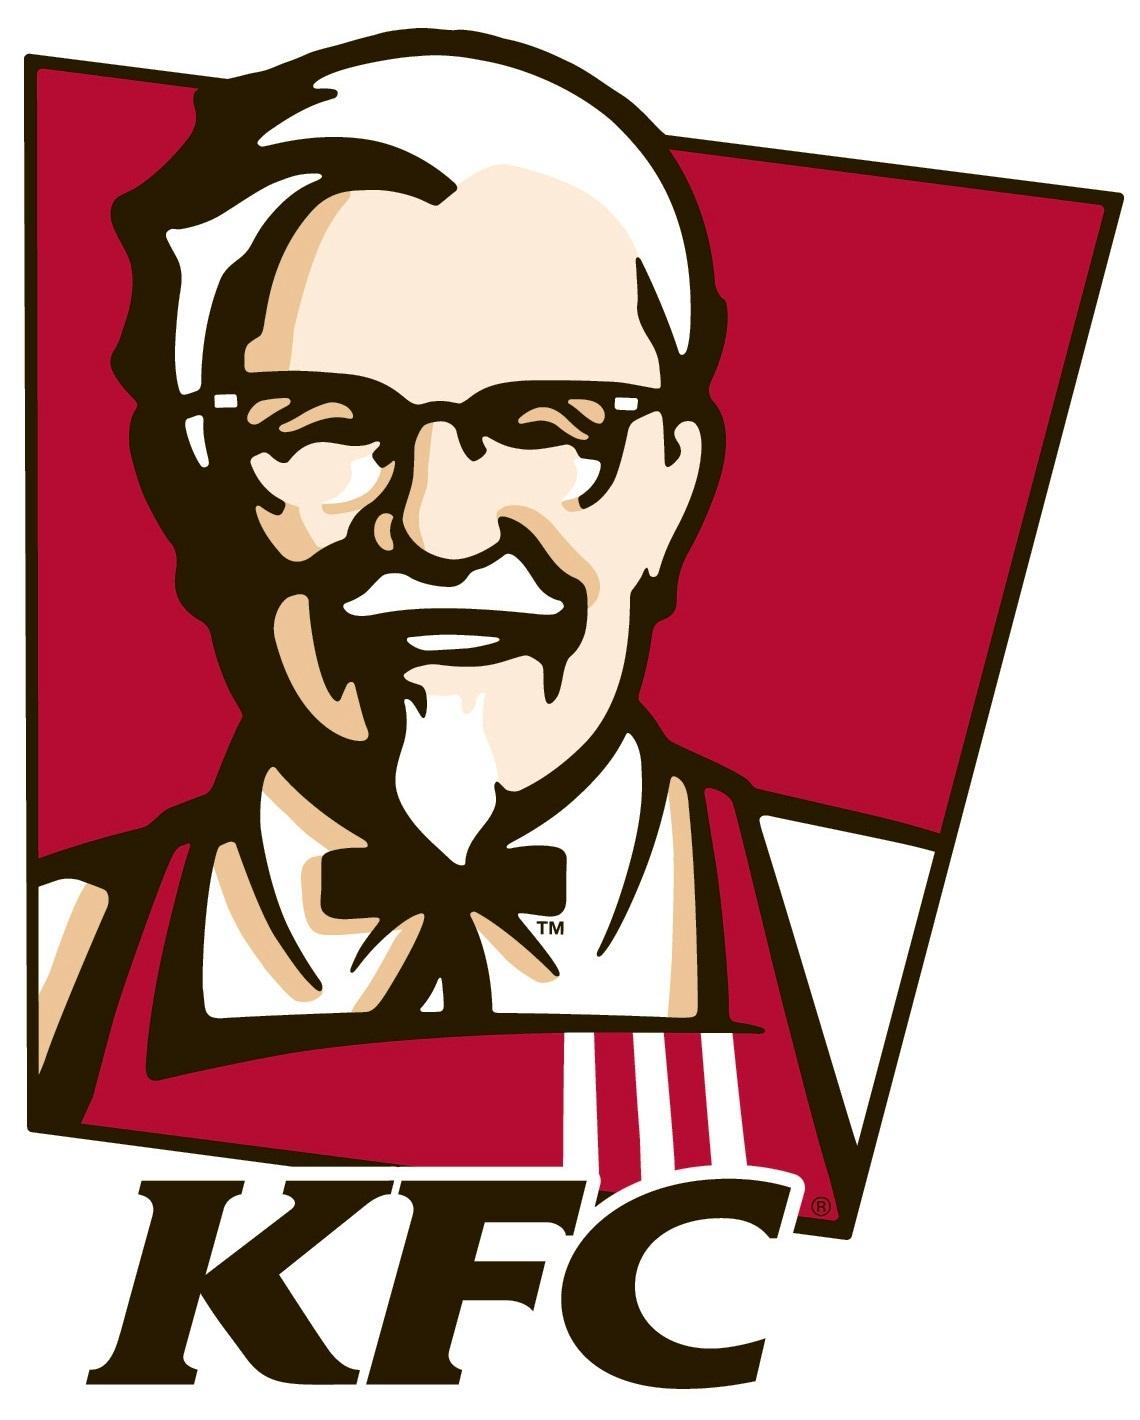 Kfc_logo-3.jpg